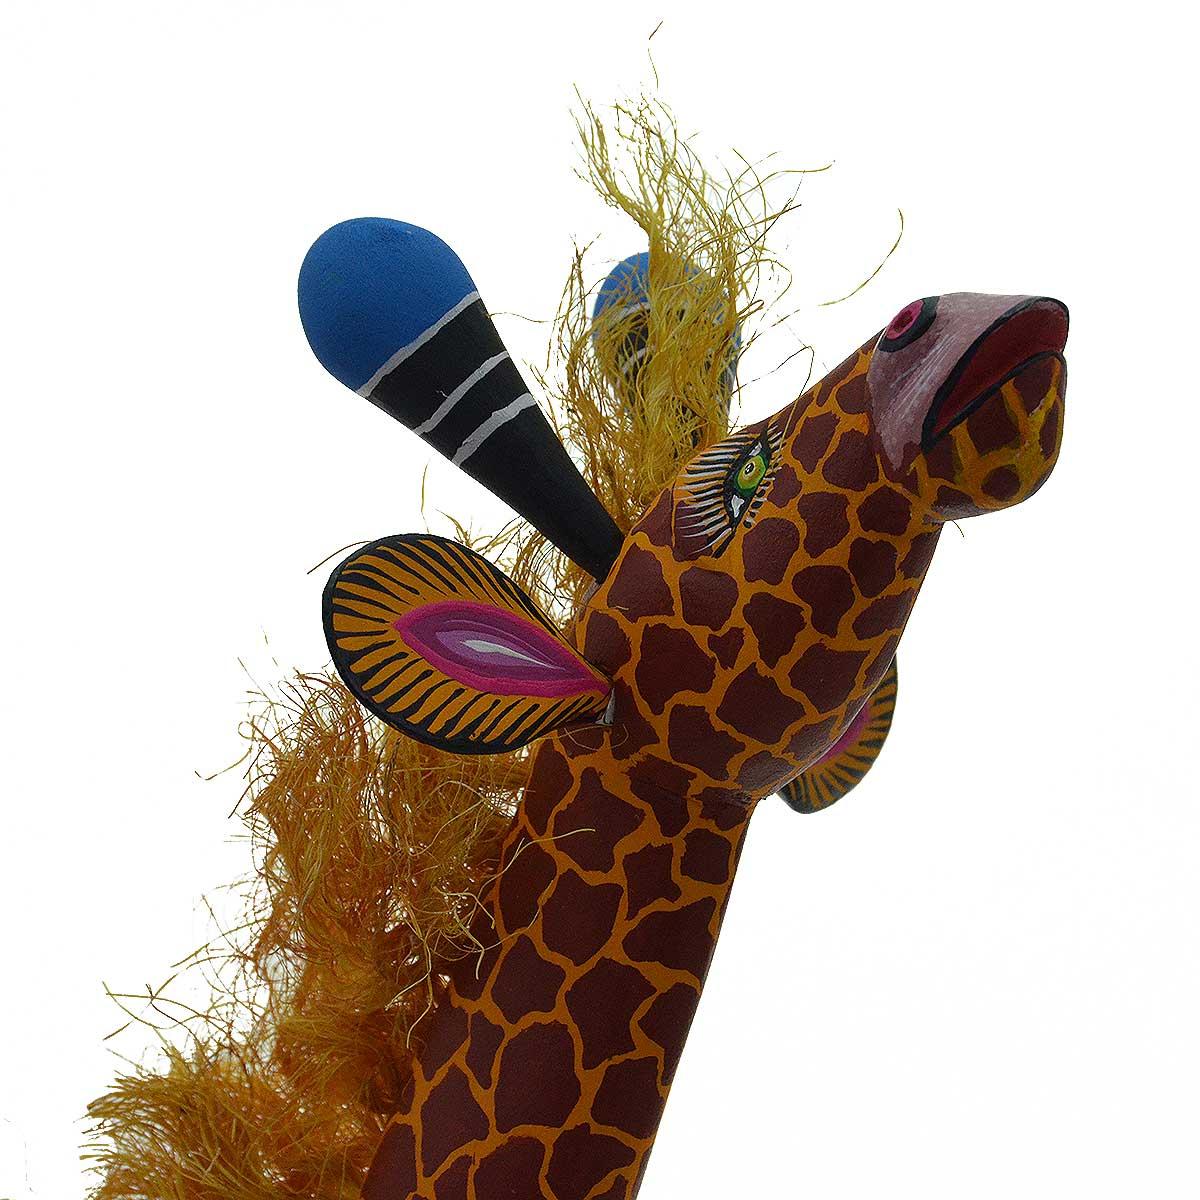 Epifanio Fuentes: Large Giraffe